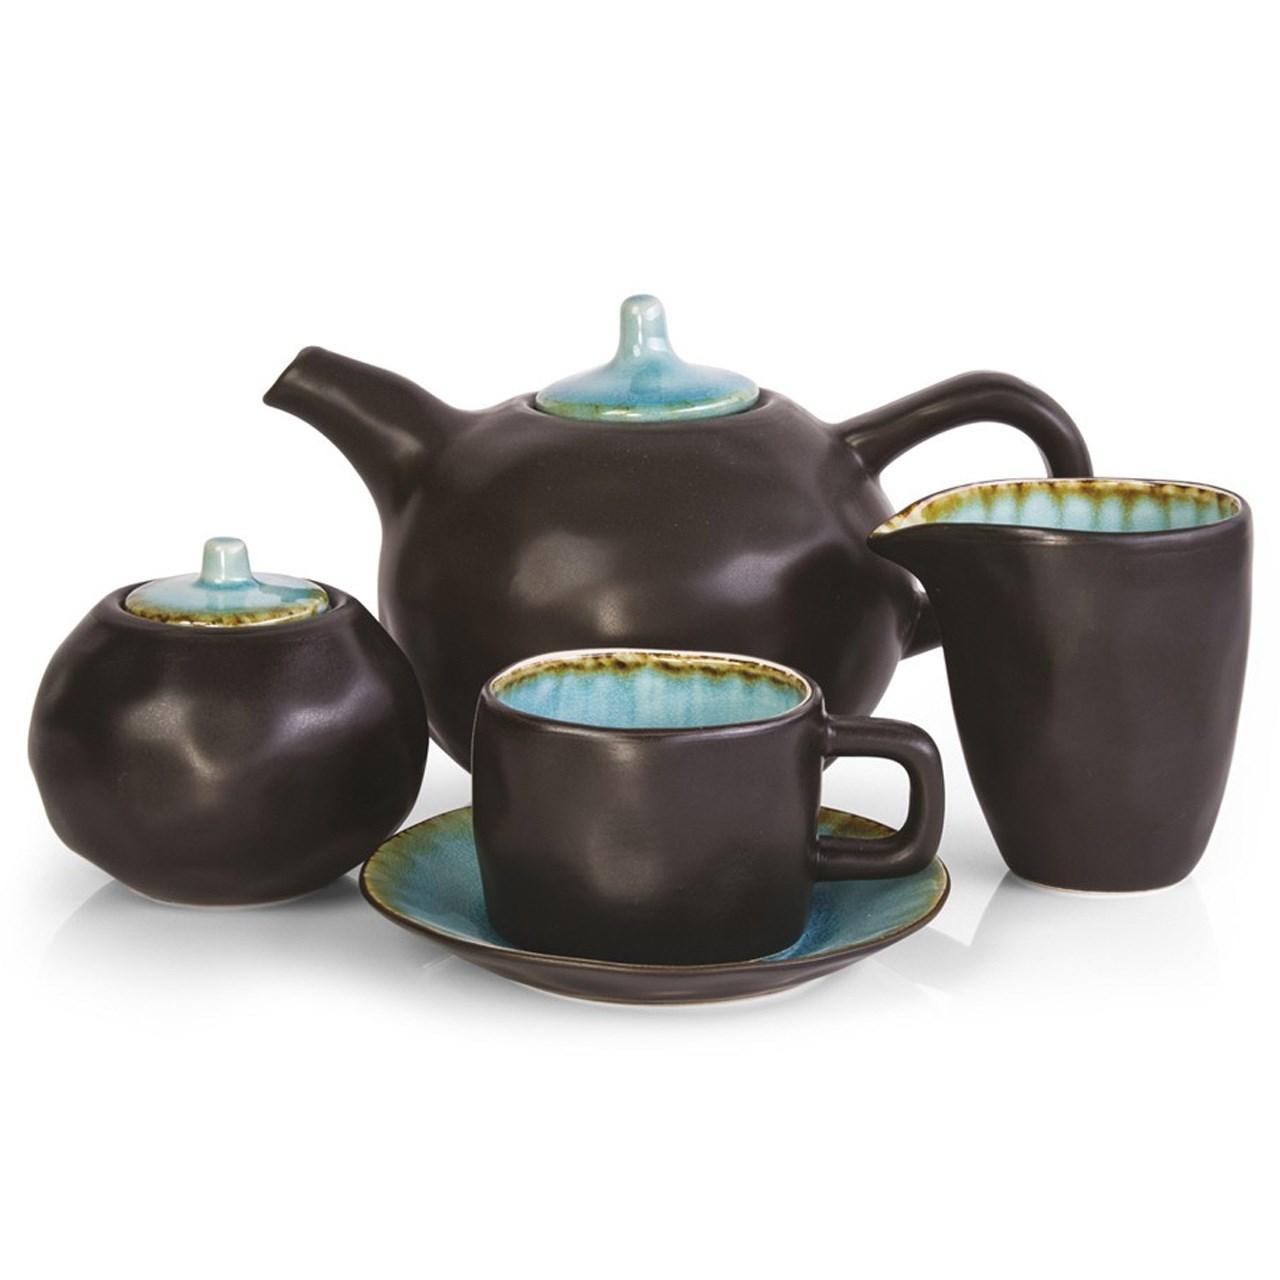 سرویس چای خوری 17 پارچه بنتاتی مدل Sabou